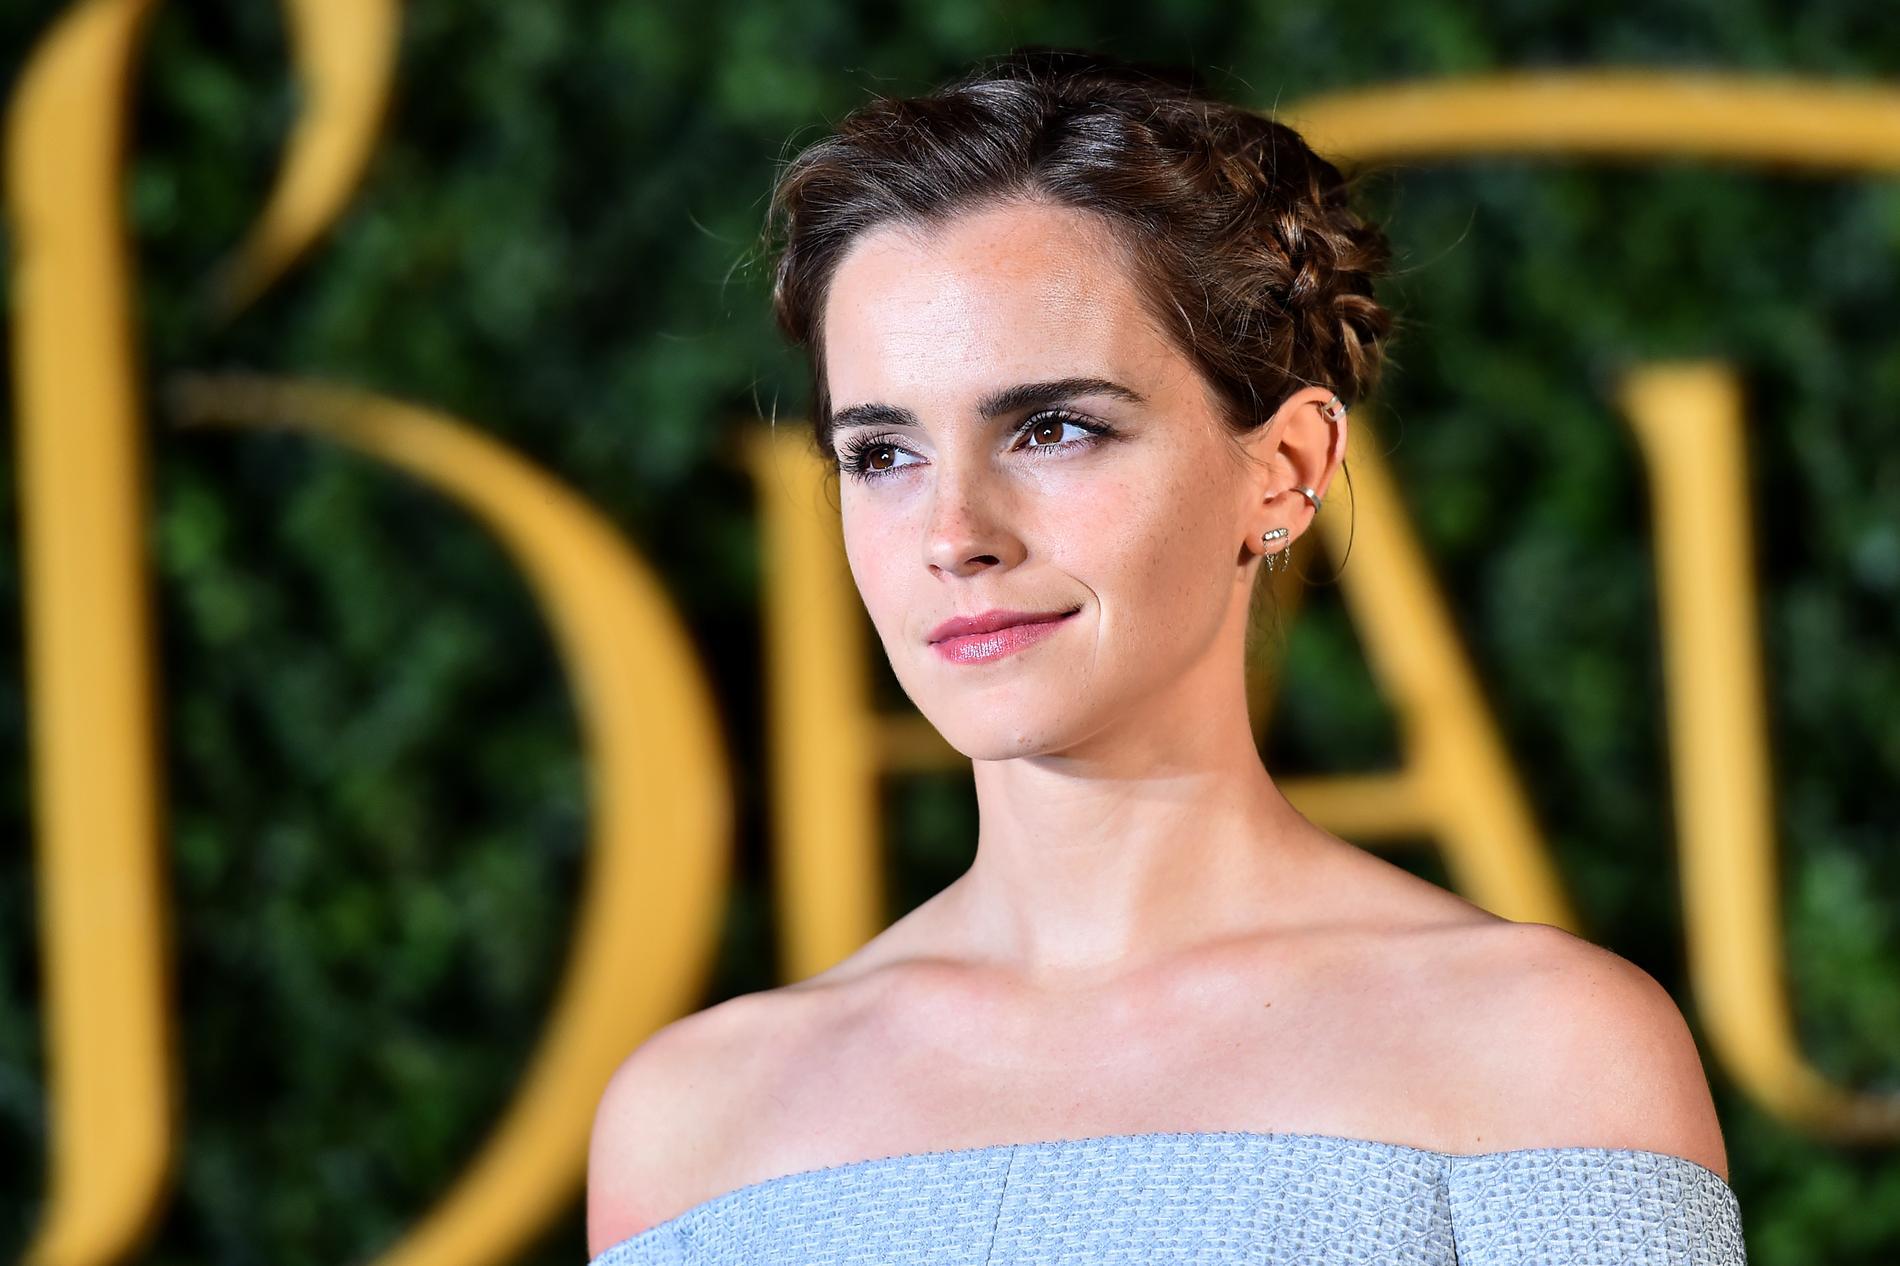 Boucles Coupe Twiggy Et Chignons  Les Plus Belles Coiffures Du0026#39;Emma Watson - Madame Figaro